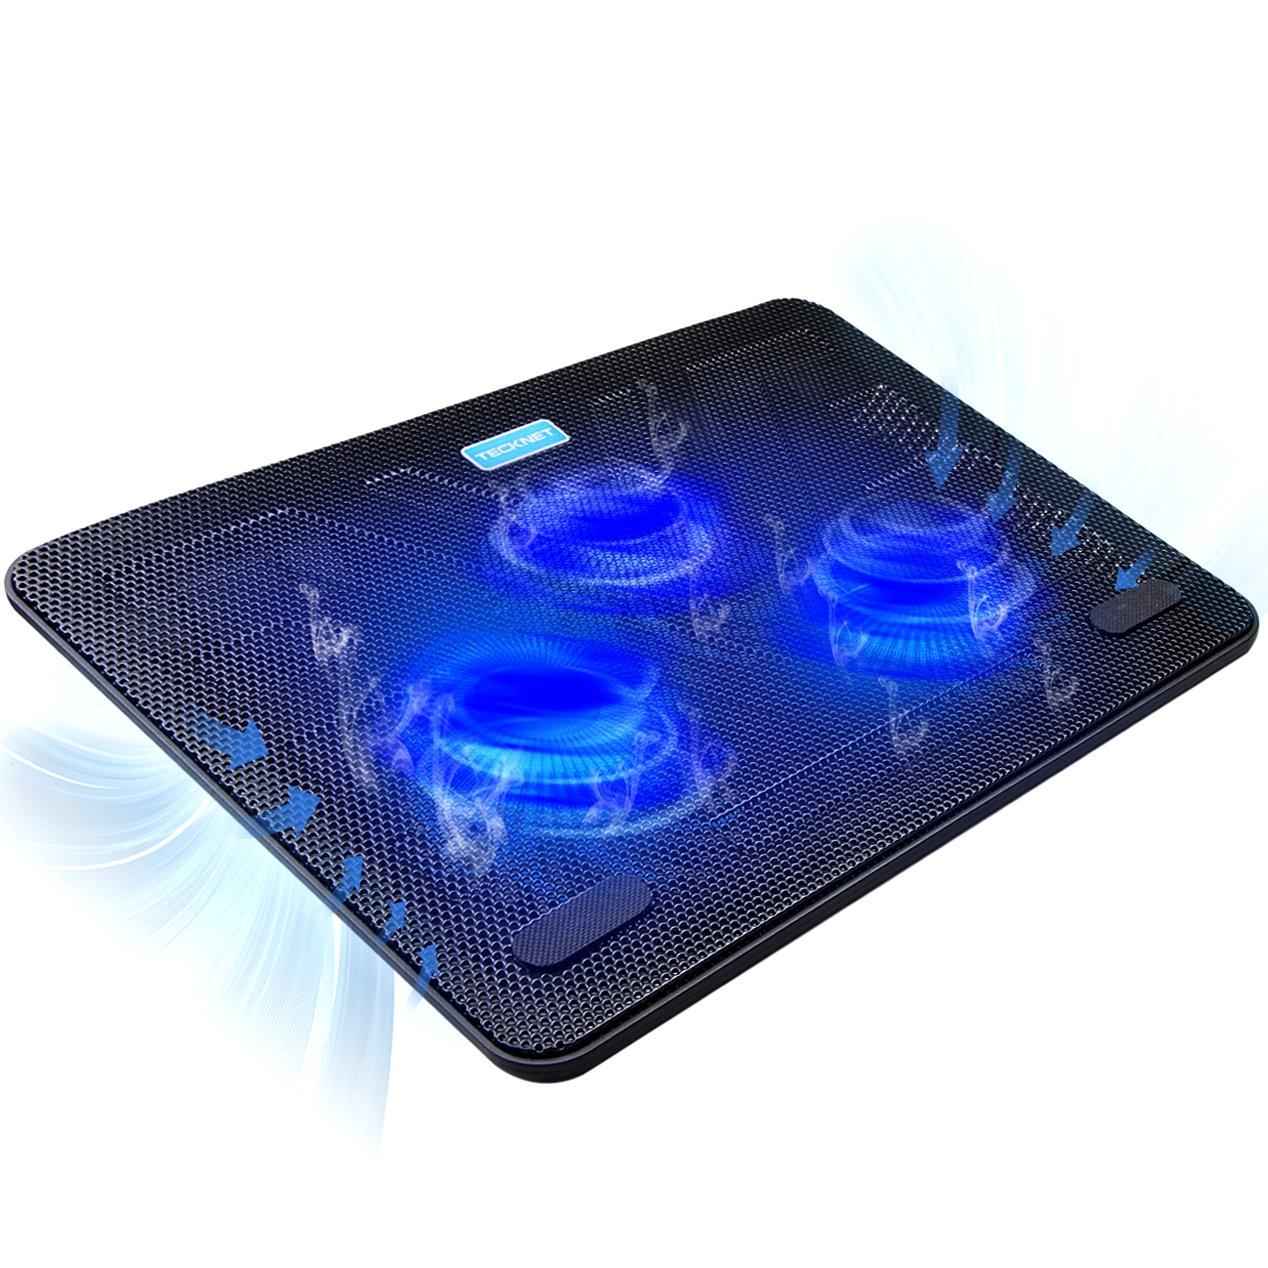 TeckNet Base de Refrigeración Ordenador Portátil de 12-17 Pulgadas 3 Ventiladores Silenciosos con Leds